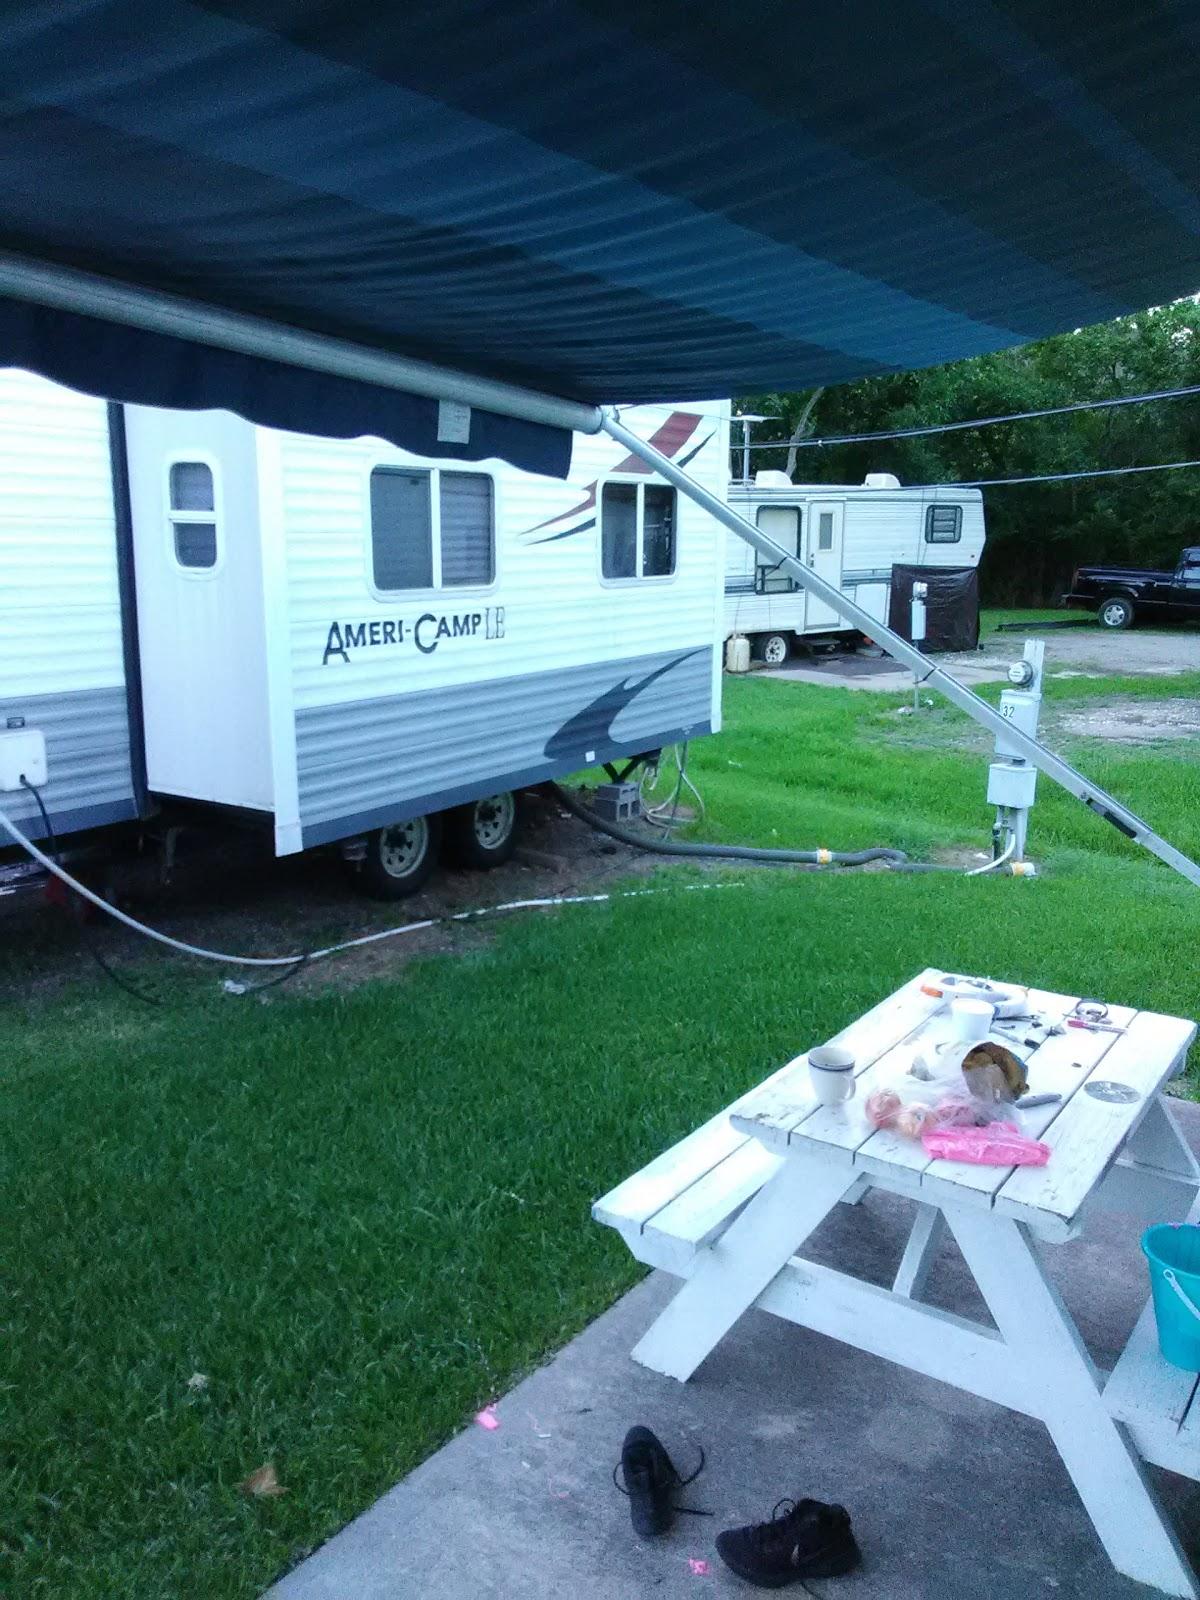 Safari RV Park And Mobile Home Community